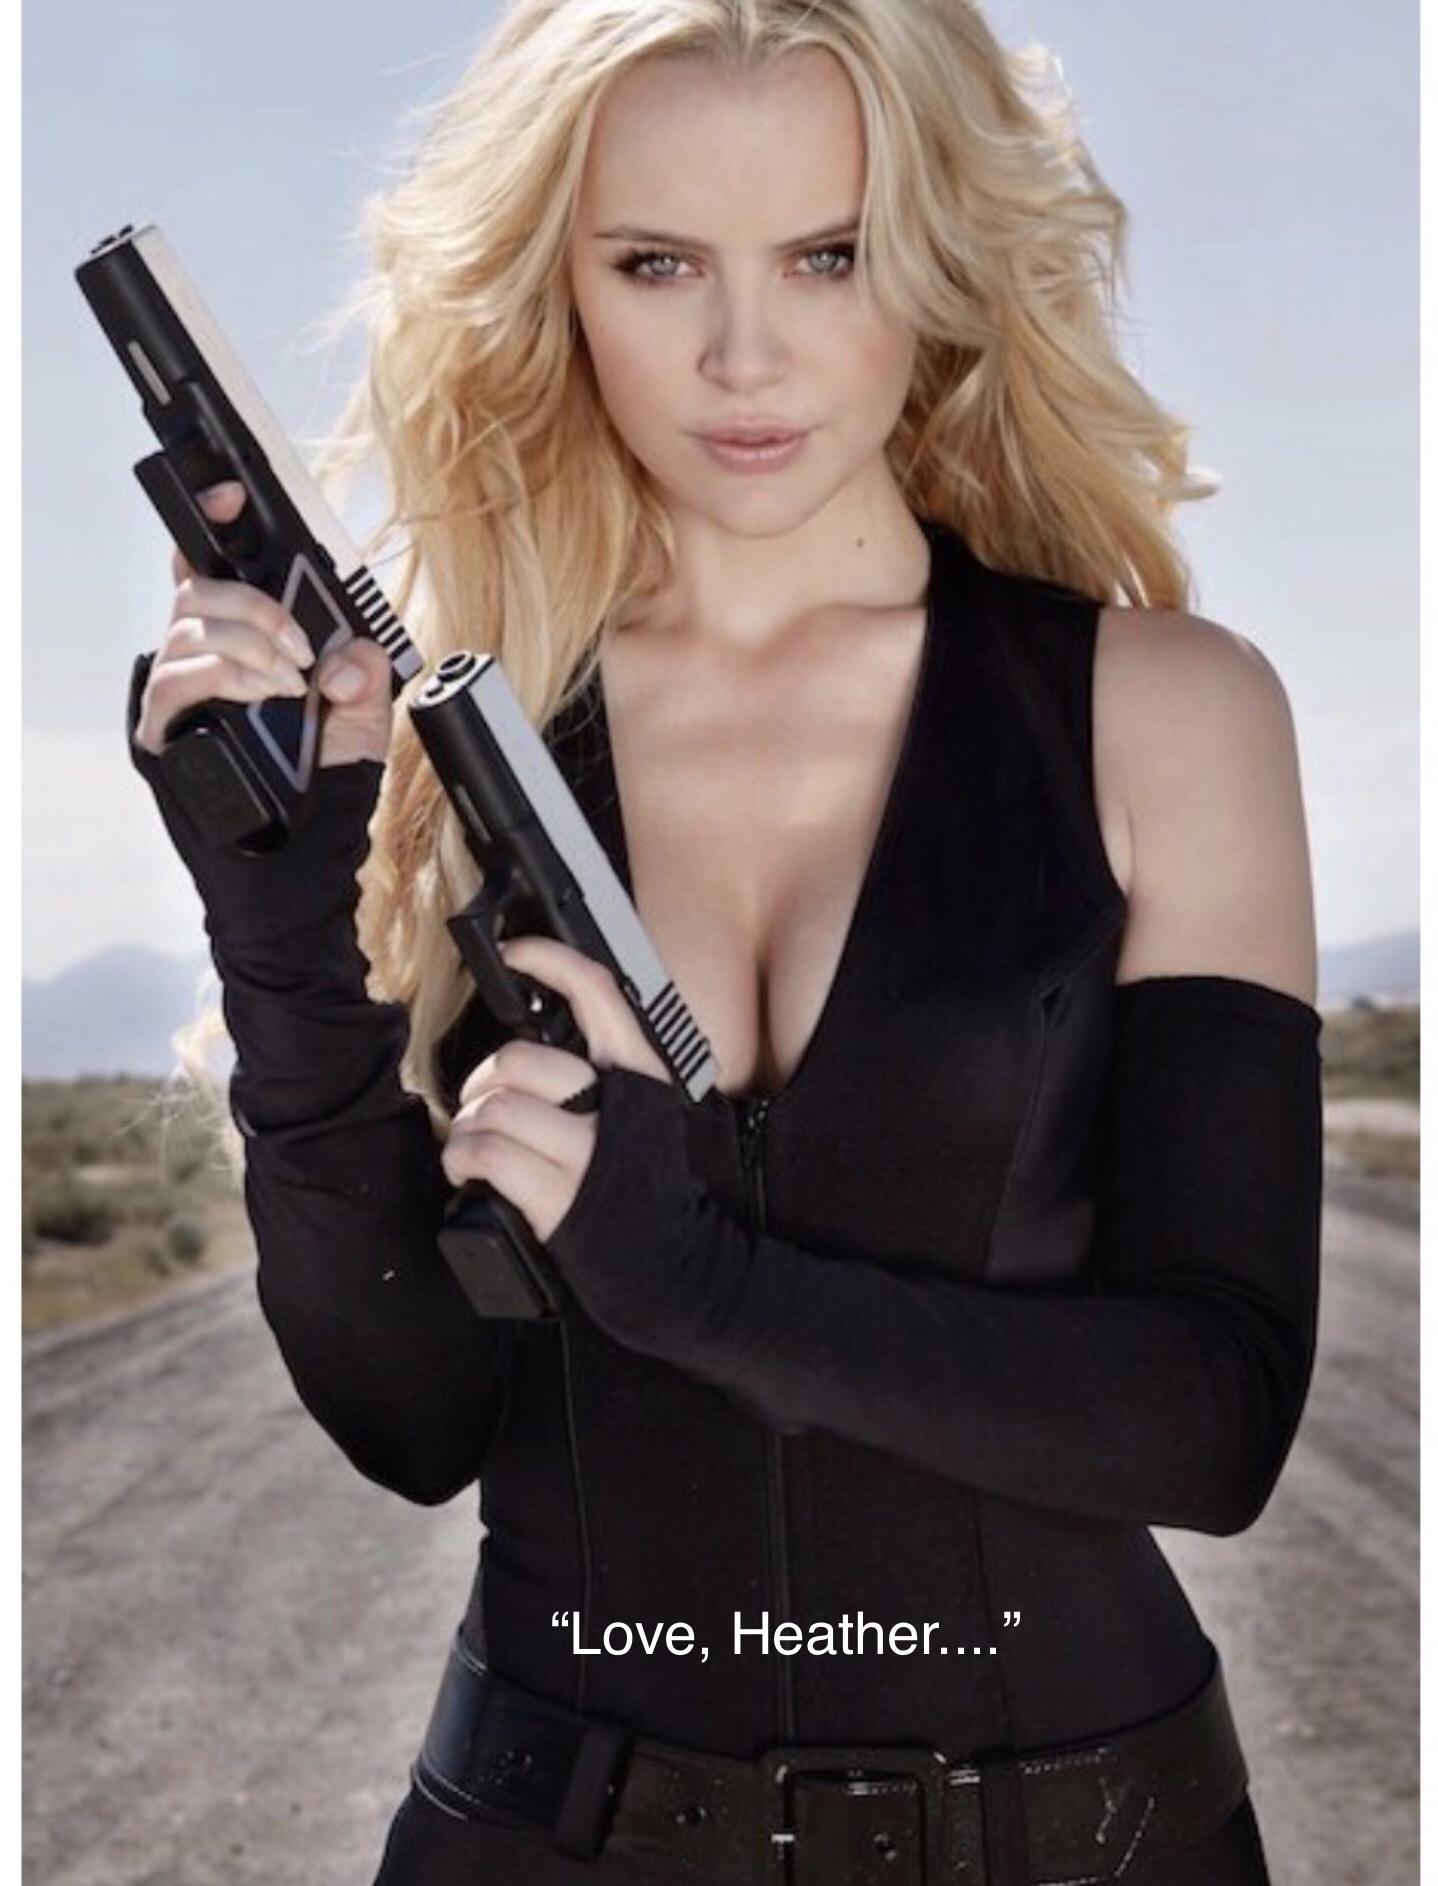 If YOU were going to a gun show this weekend.....-de5a9810-0410-418d-b1d1-362bf5112767.jpeg